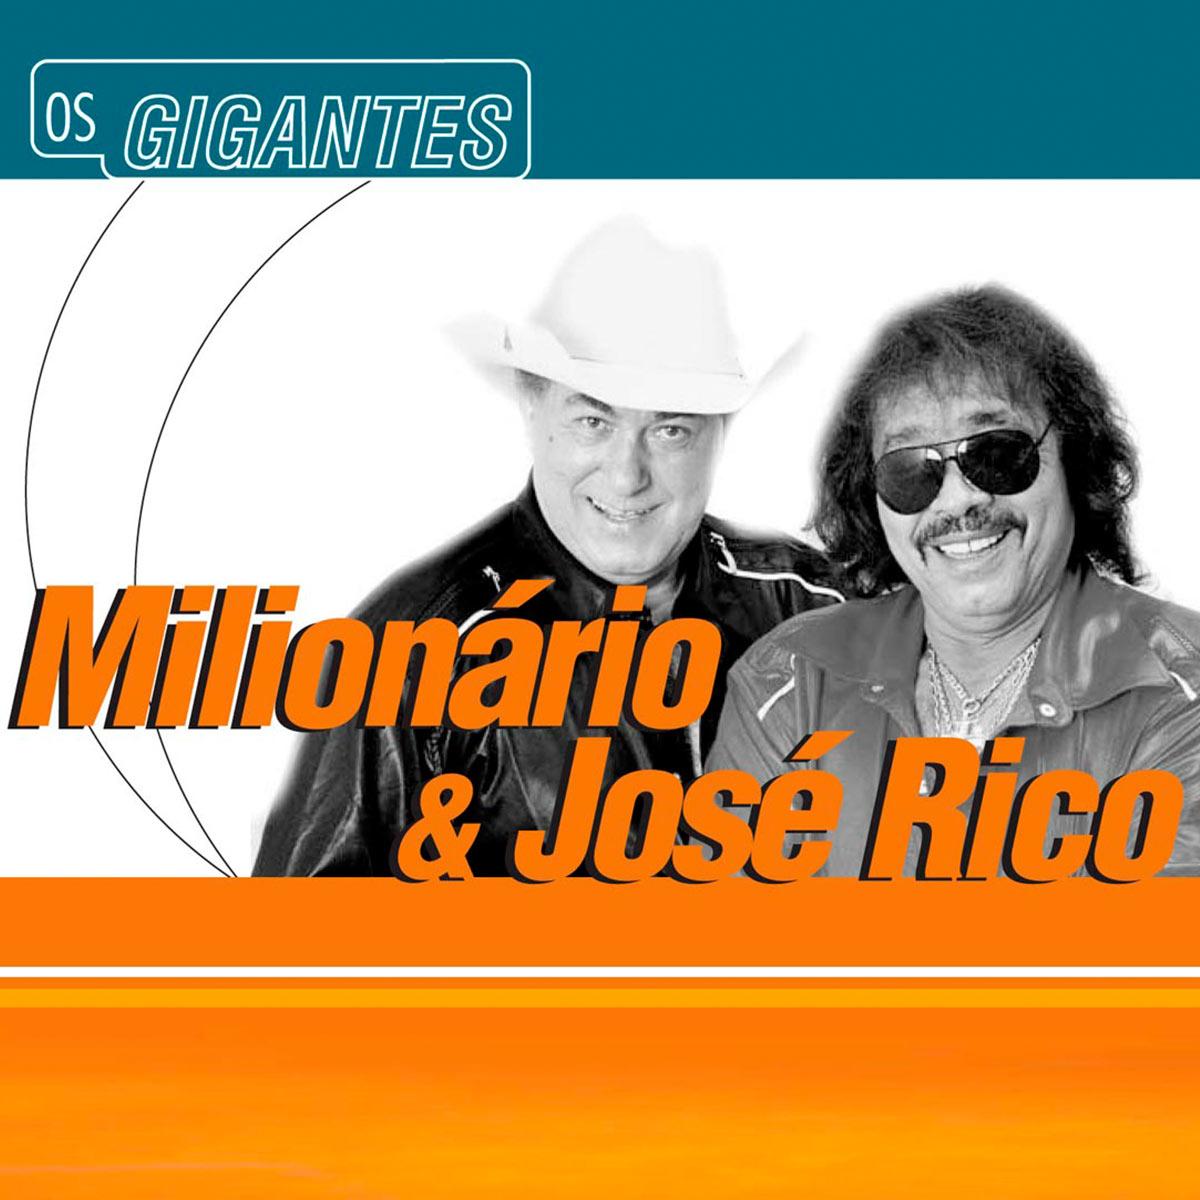 CD Milionário & José Rico Série Os Gigantes